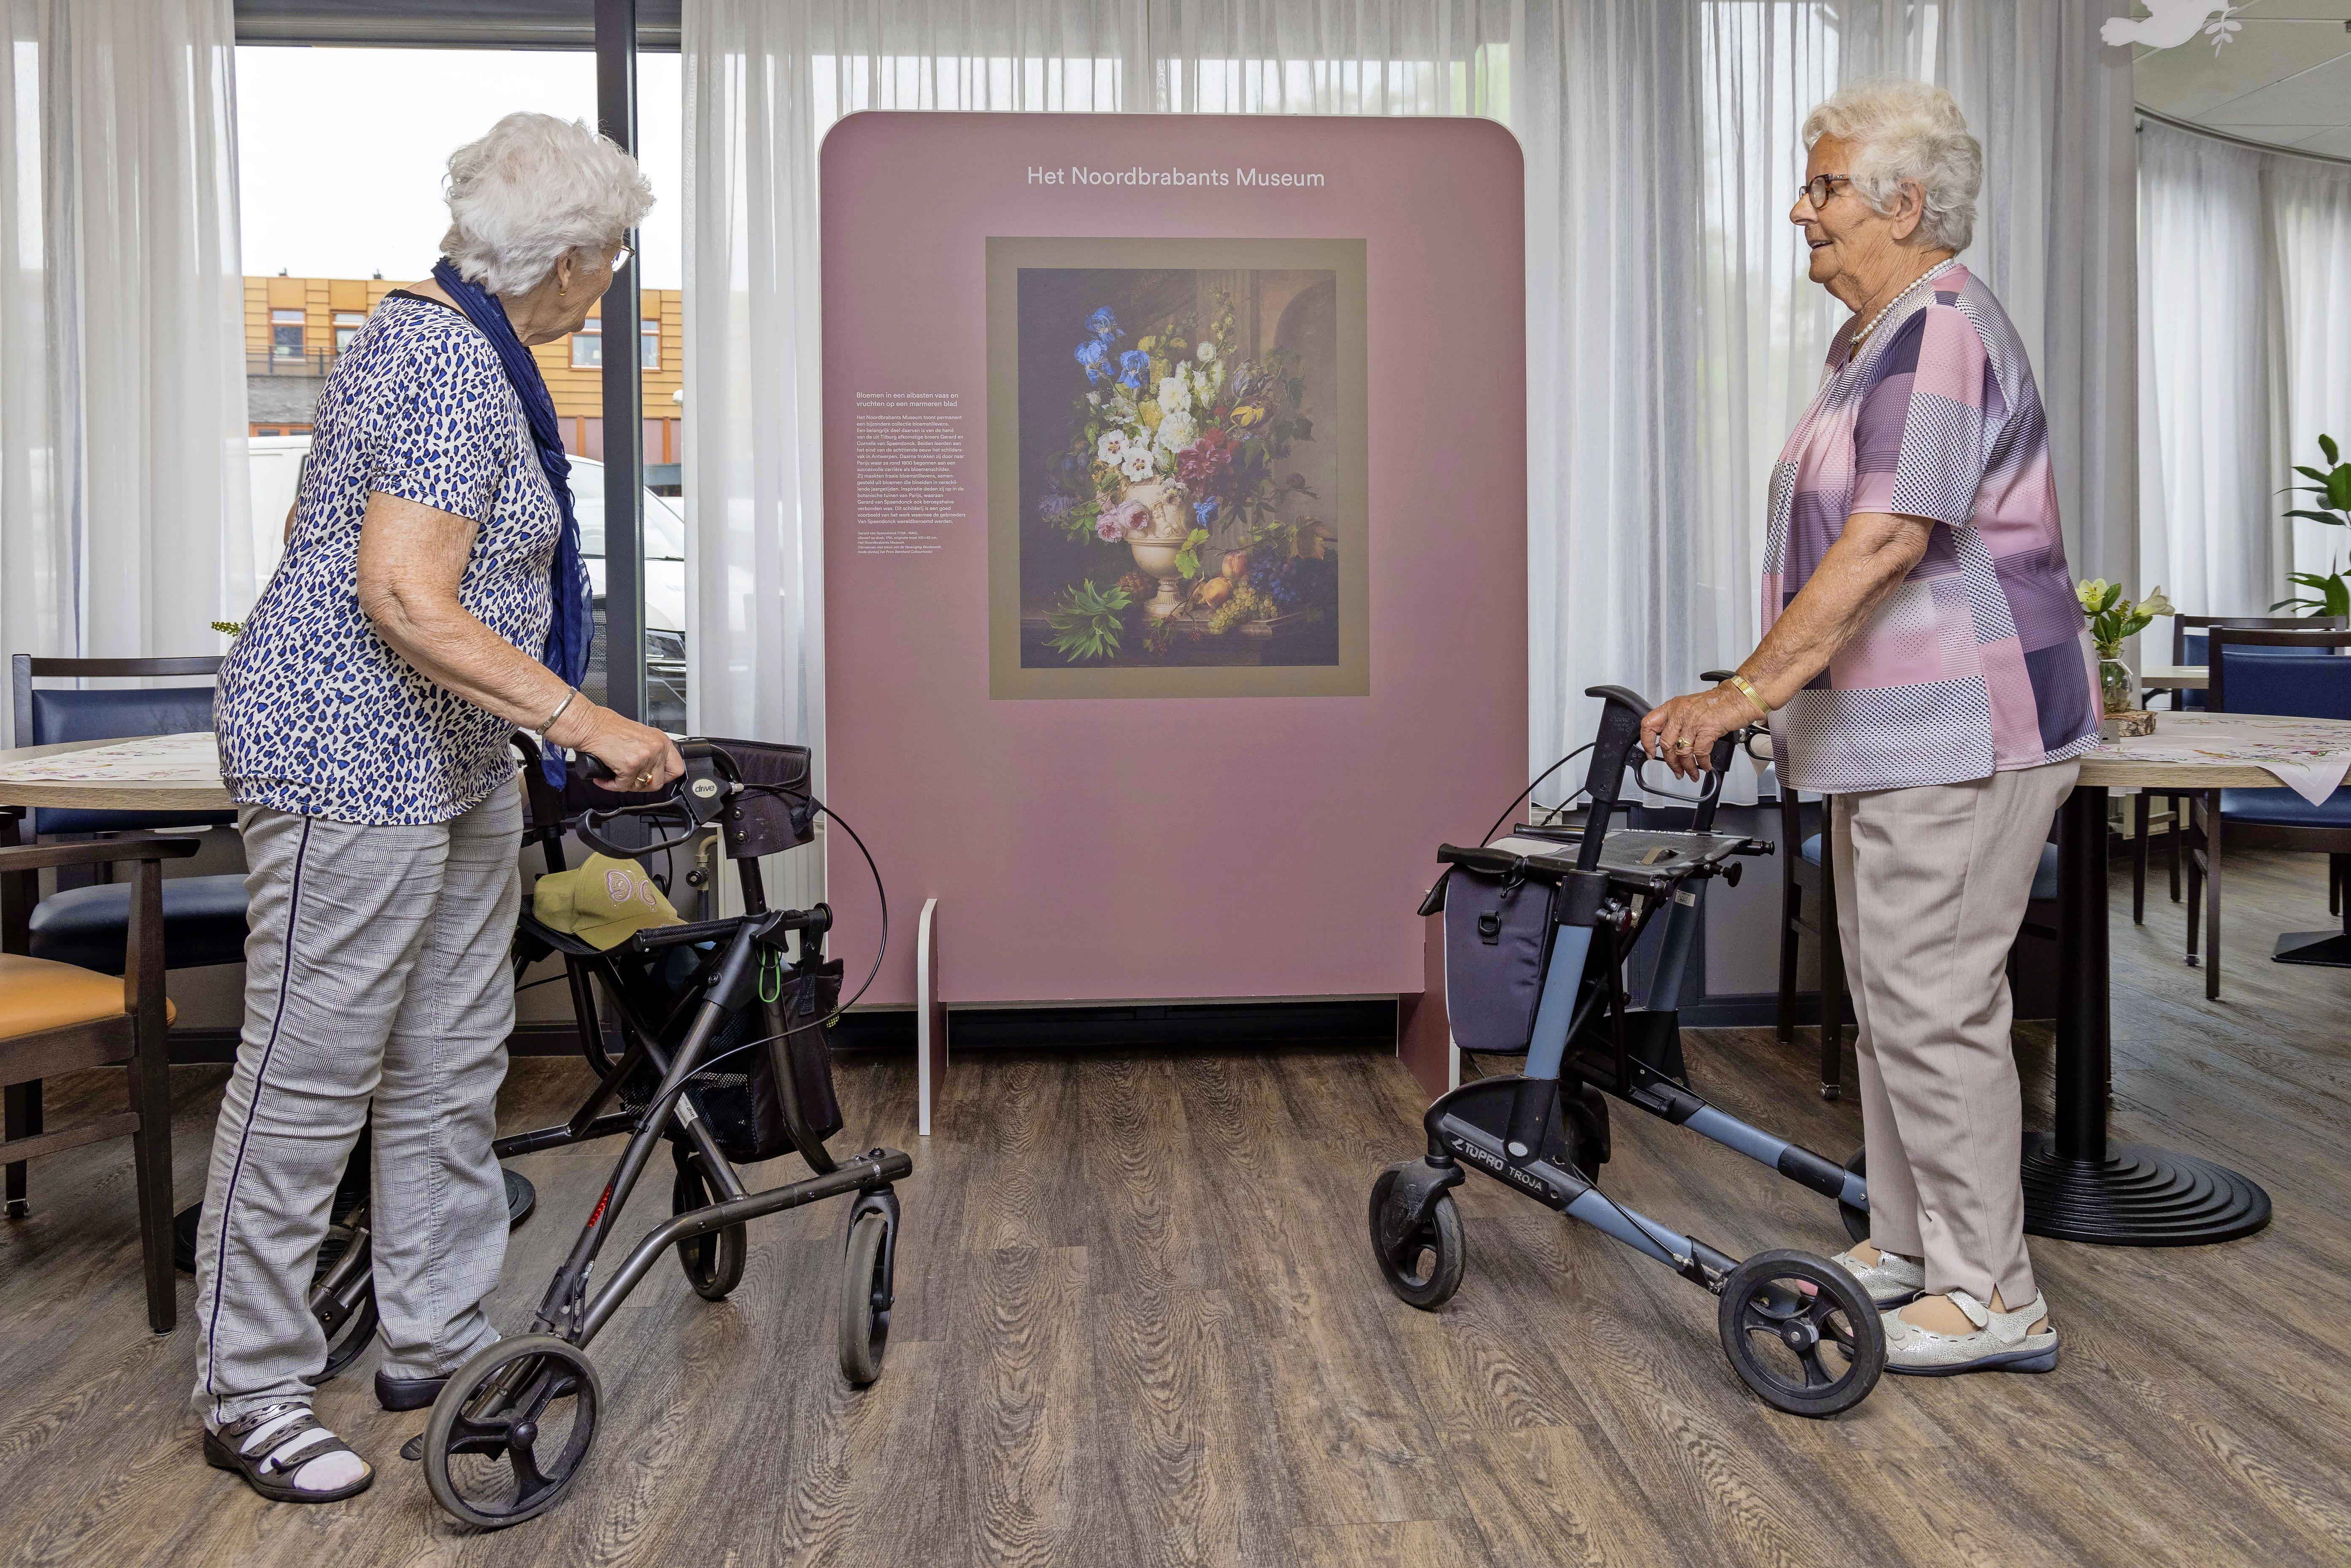 Vaderlandse 'topstukken' in zorgcentrum. Na de pandemie zitten ouderen eerste rang in rondreizend museum